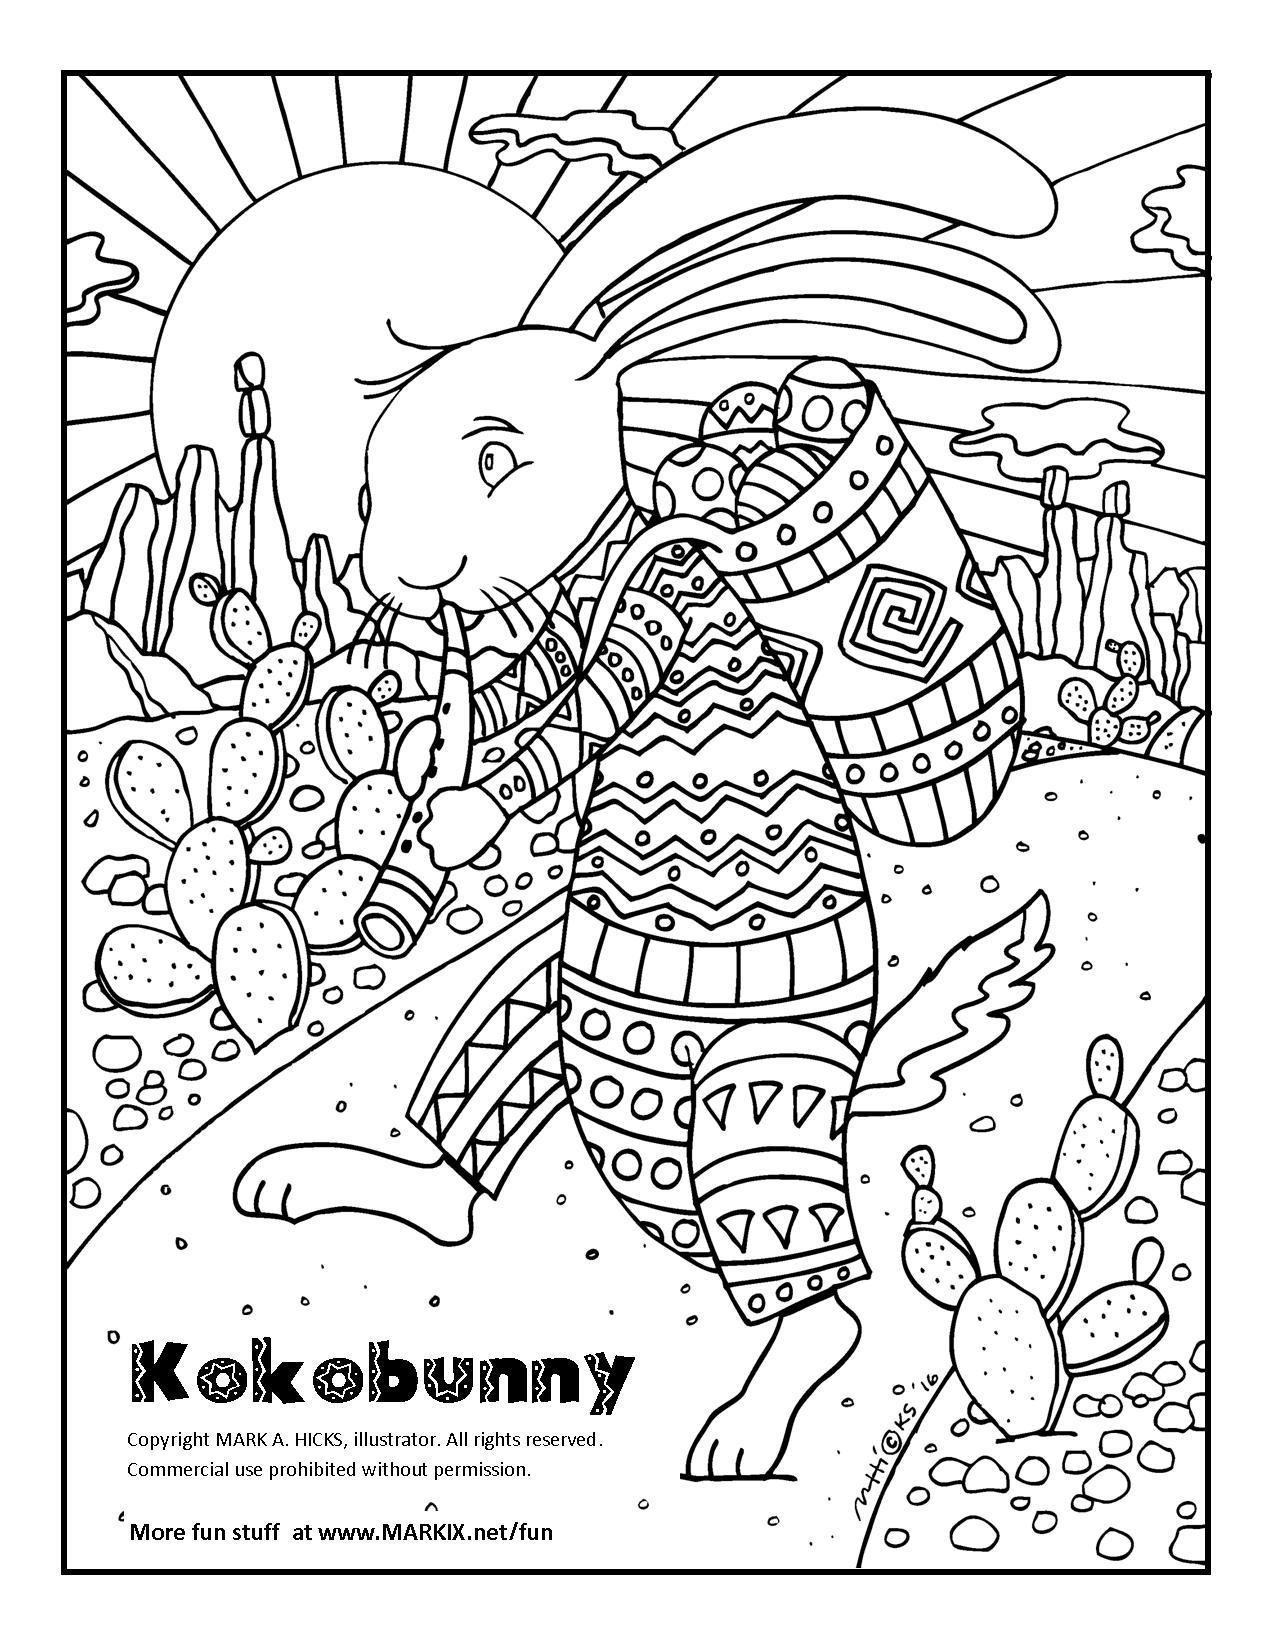 Kokobunny Coloring Page